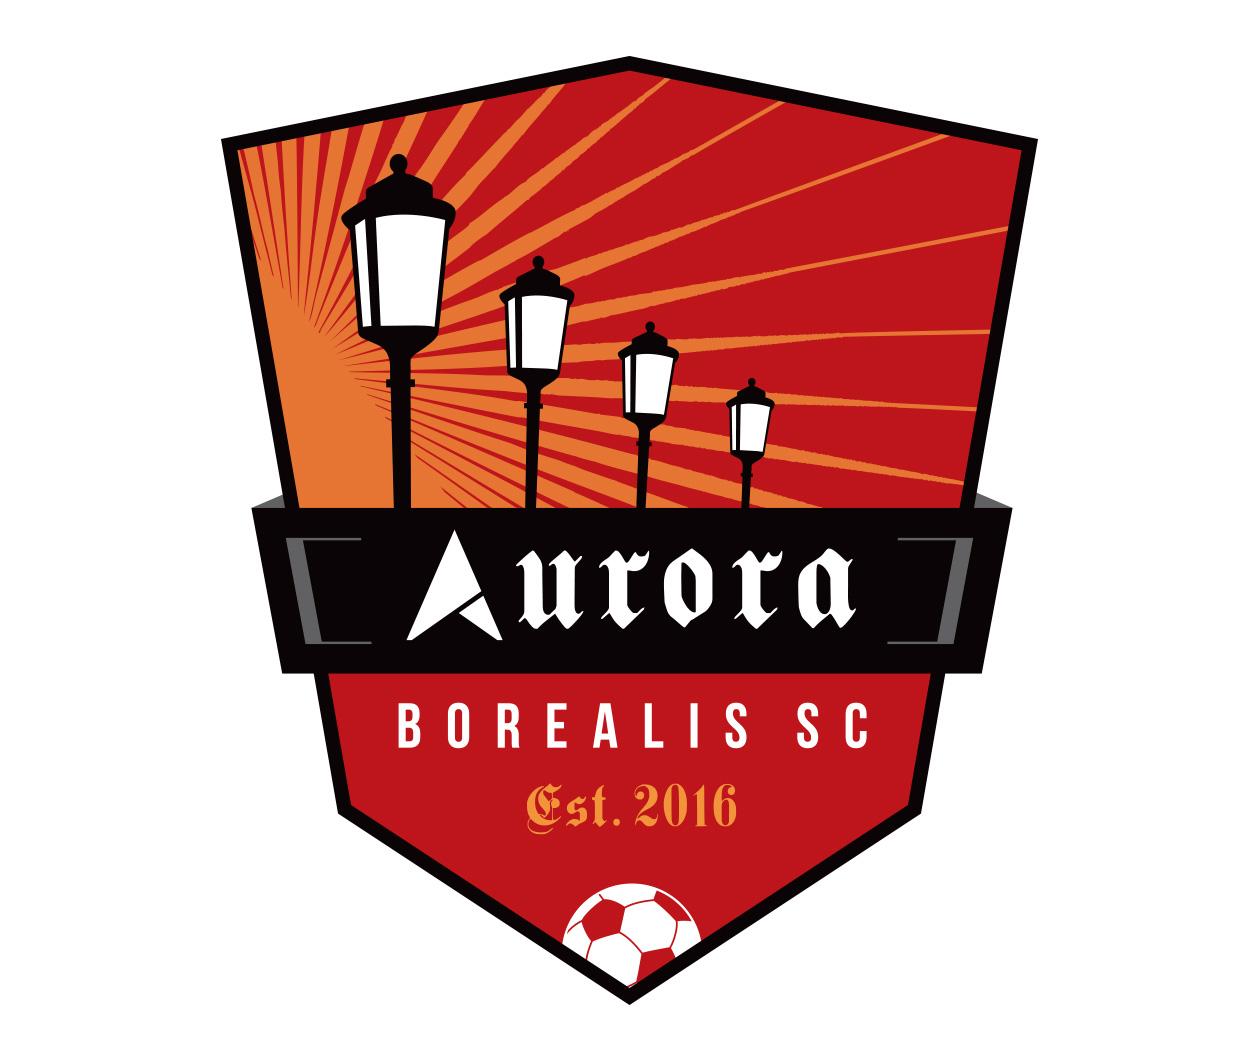 testimonial-for-the-custom-sports-logo-design-for-aurora-by-jordan-fretz.jpg